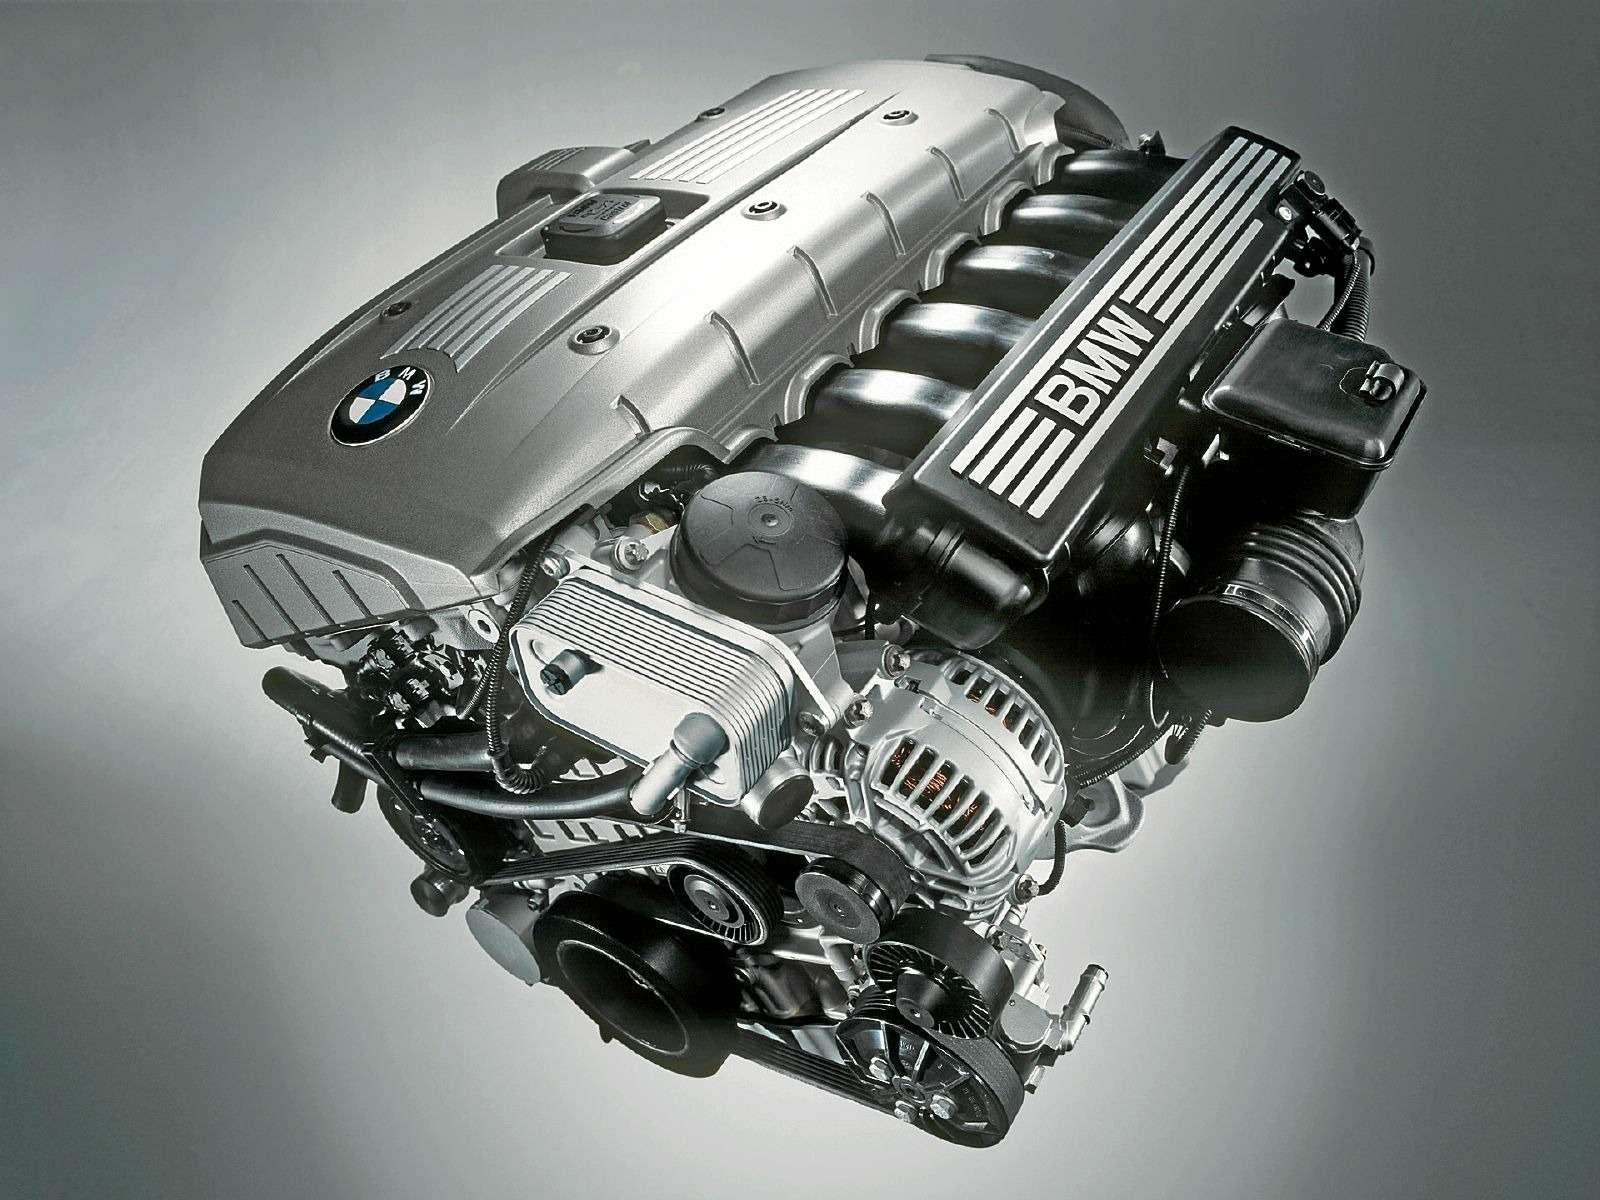 Вторичный рынок: изучаем слабые места BMW 5-й серии— фото 600191